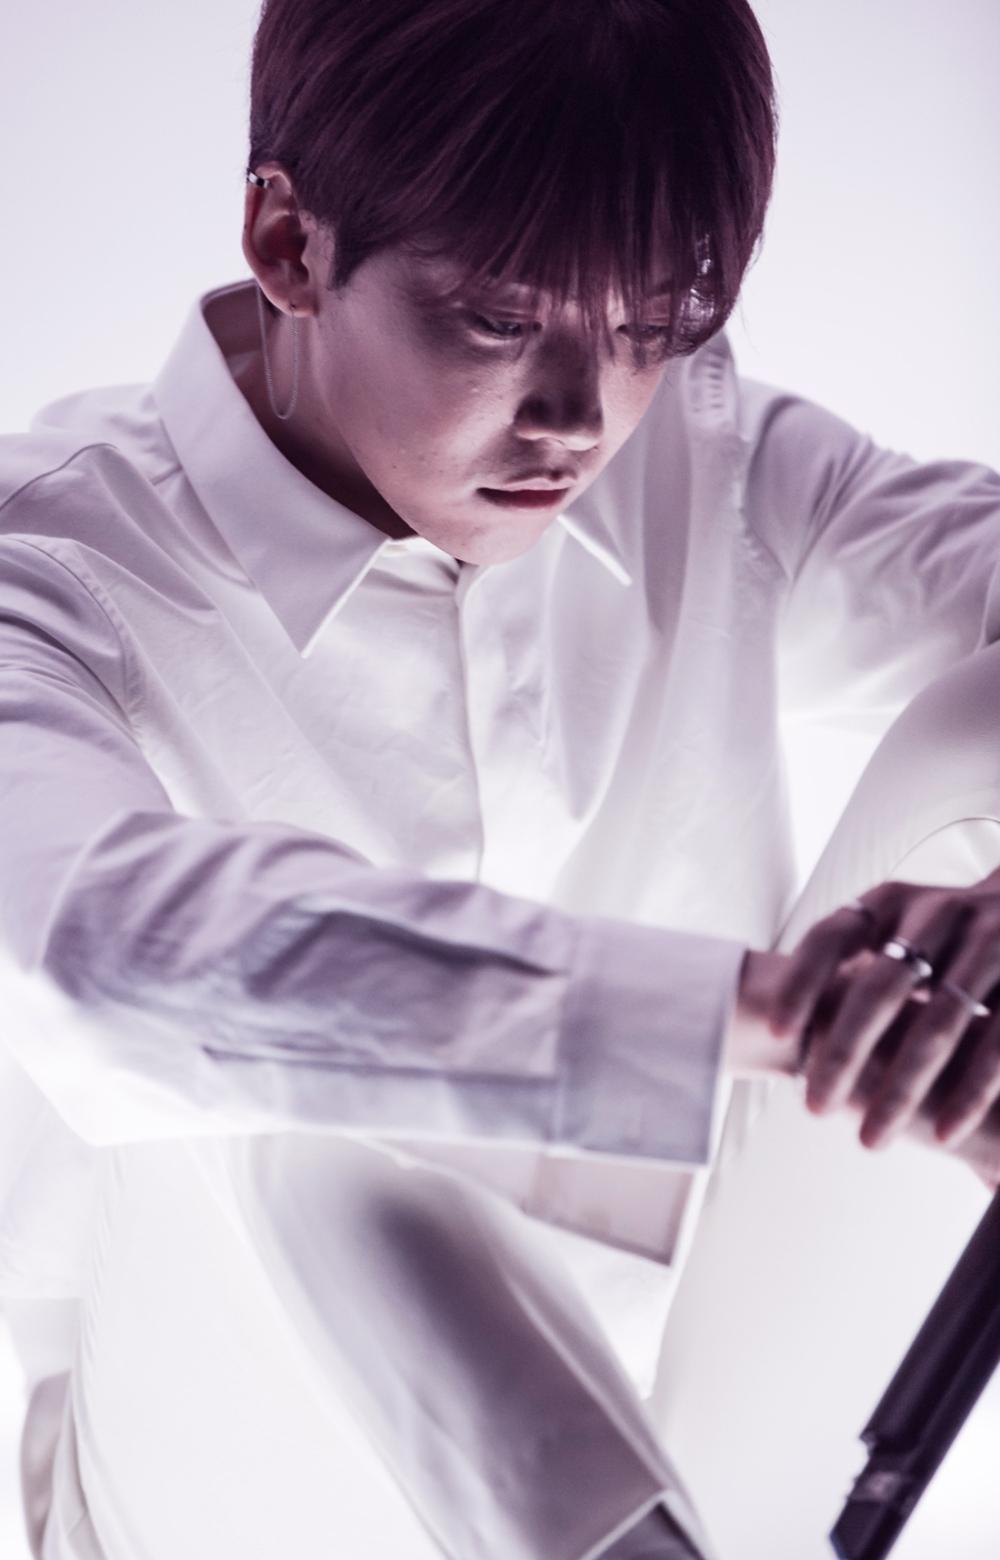 미공개 포토 분위기 있는 김진우